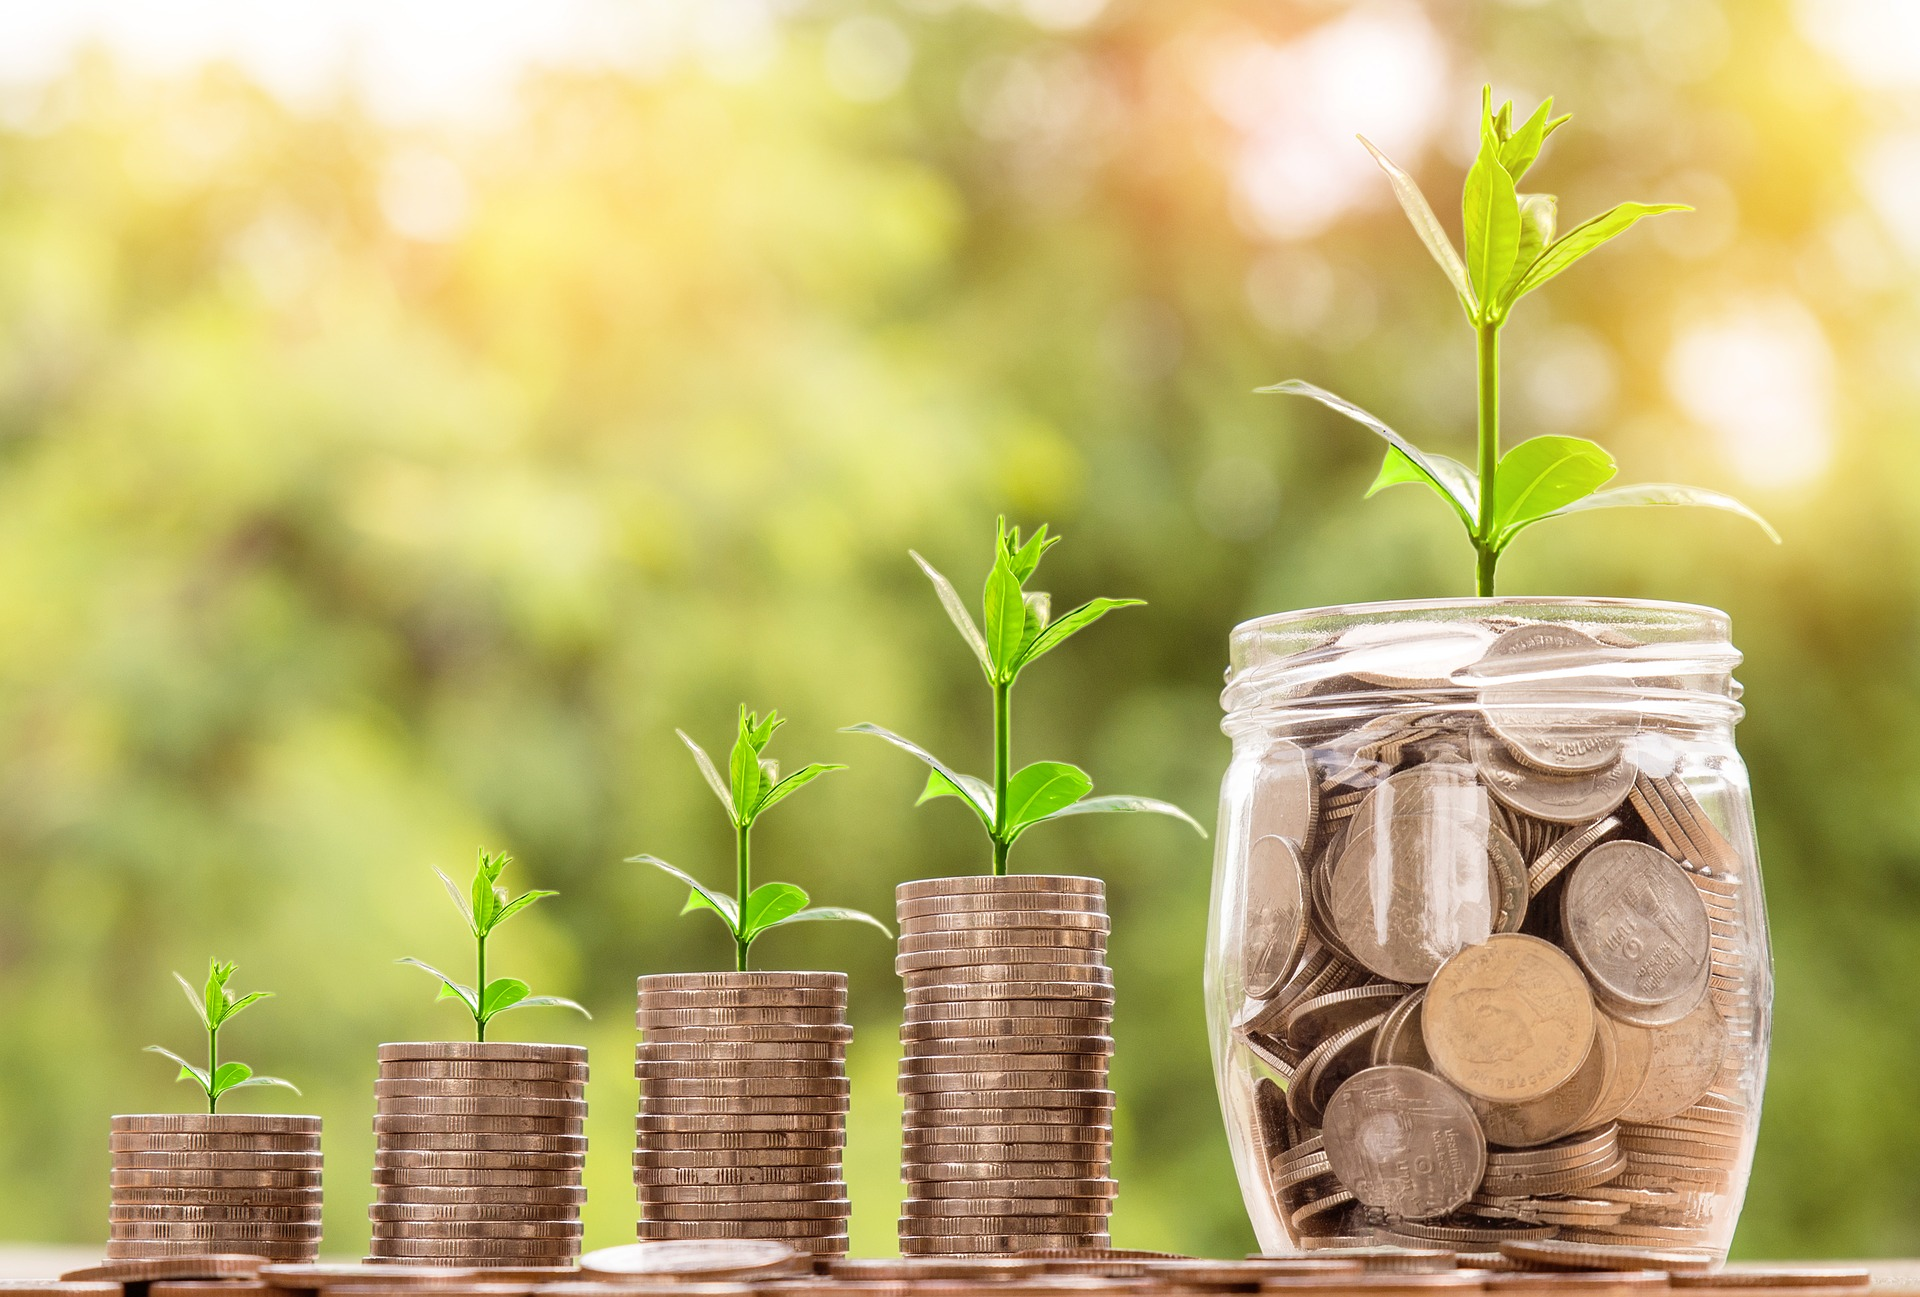 BVG-Reform – Wer profitiert von welchem Modell?